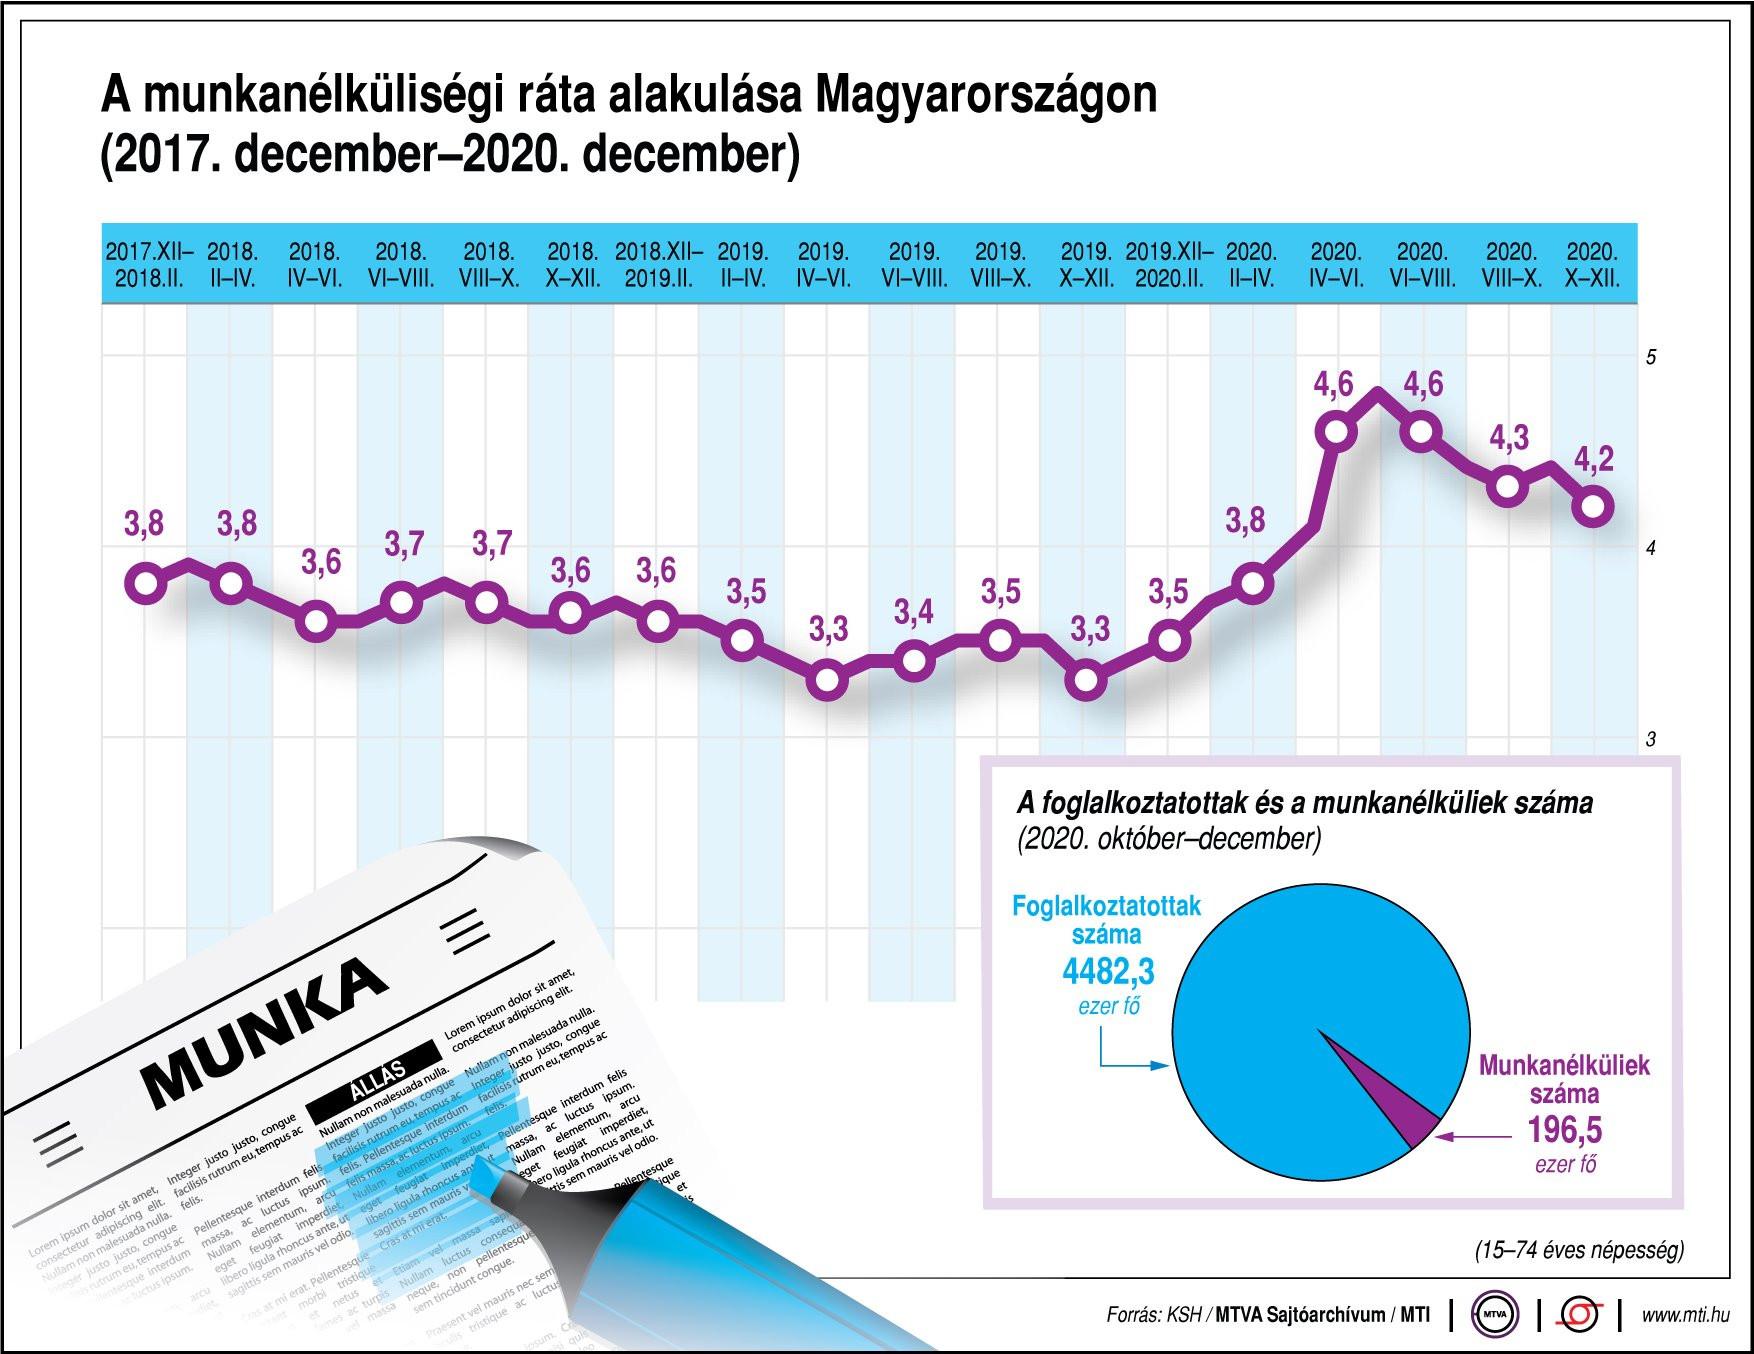 A munkanélküliségi ráta alakulása Magyarországon (2017. december-2020. december)